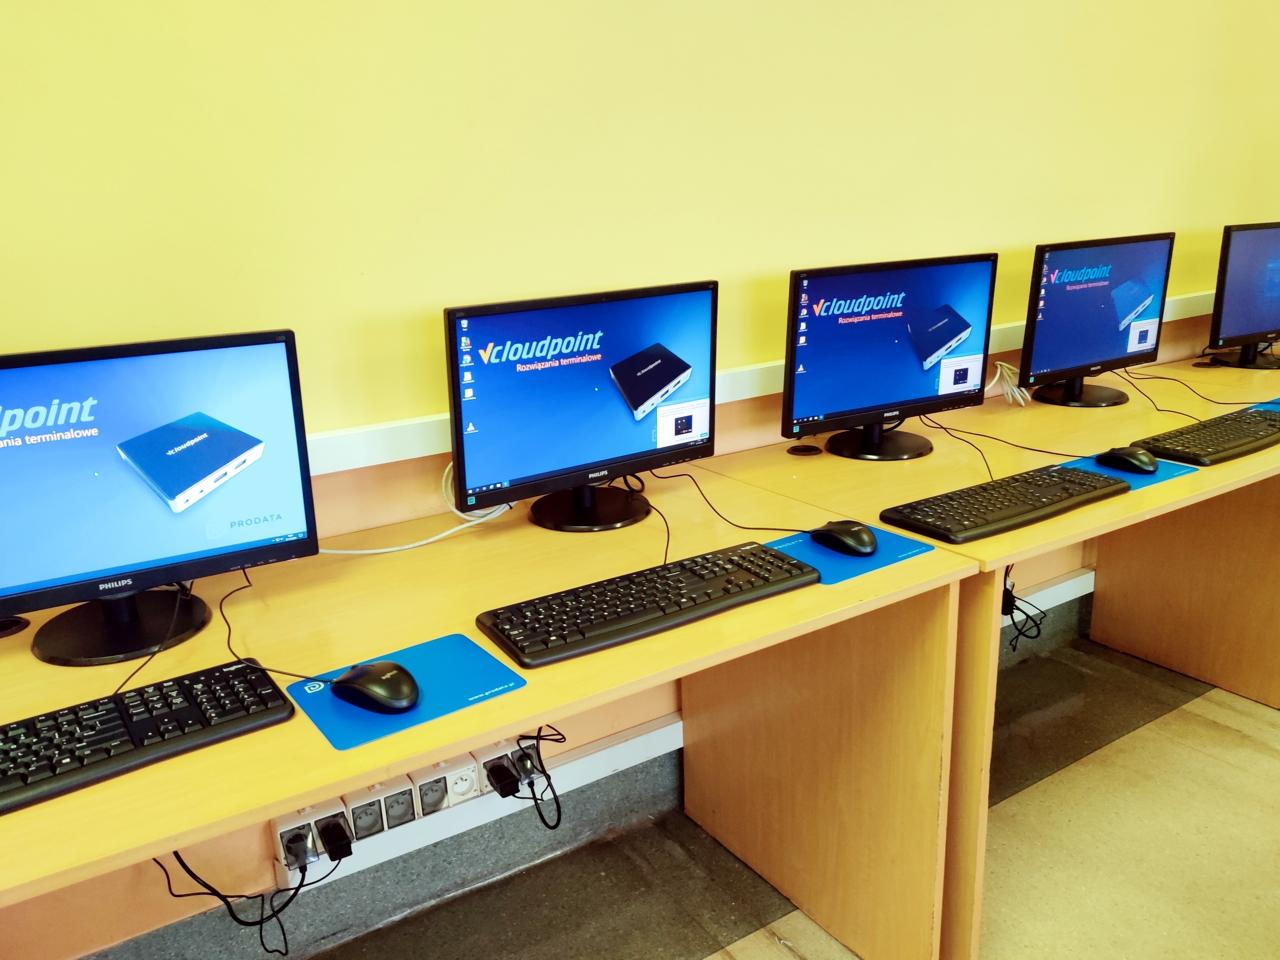 Pracownia komputerowa w Szkole Podstawowej w Taczanowie. Pracownia terminalowa vCloudPoint.